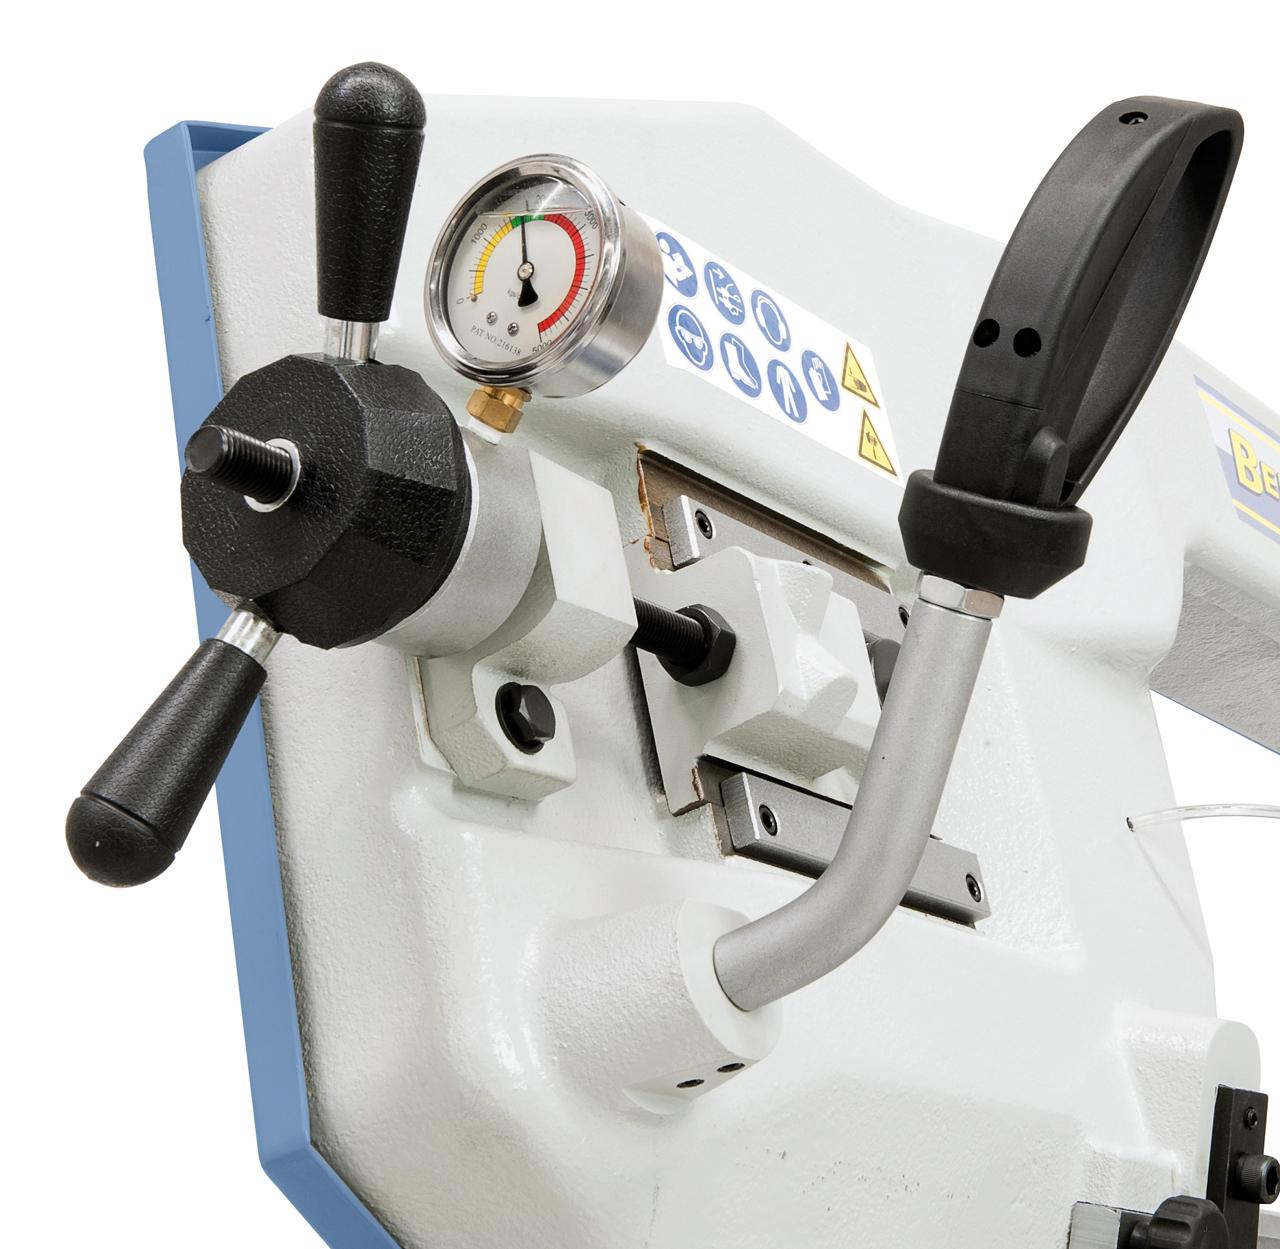 Das serienmäßige Manometer ermöglicht ein optimales Einstellen der Sägebandspannung.